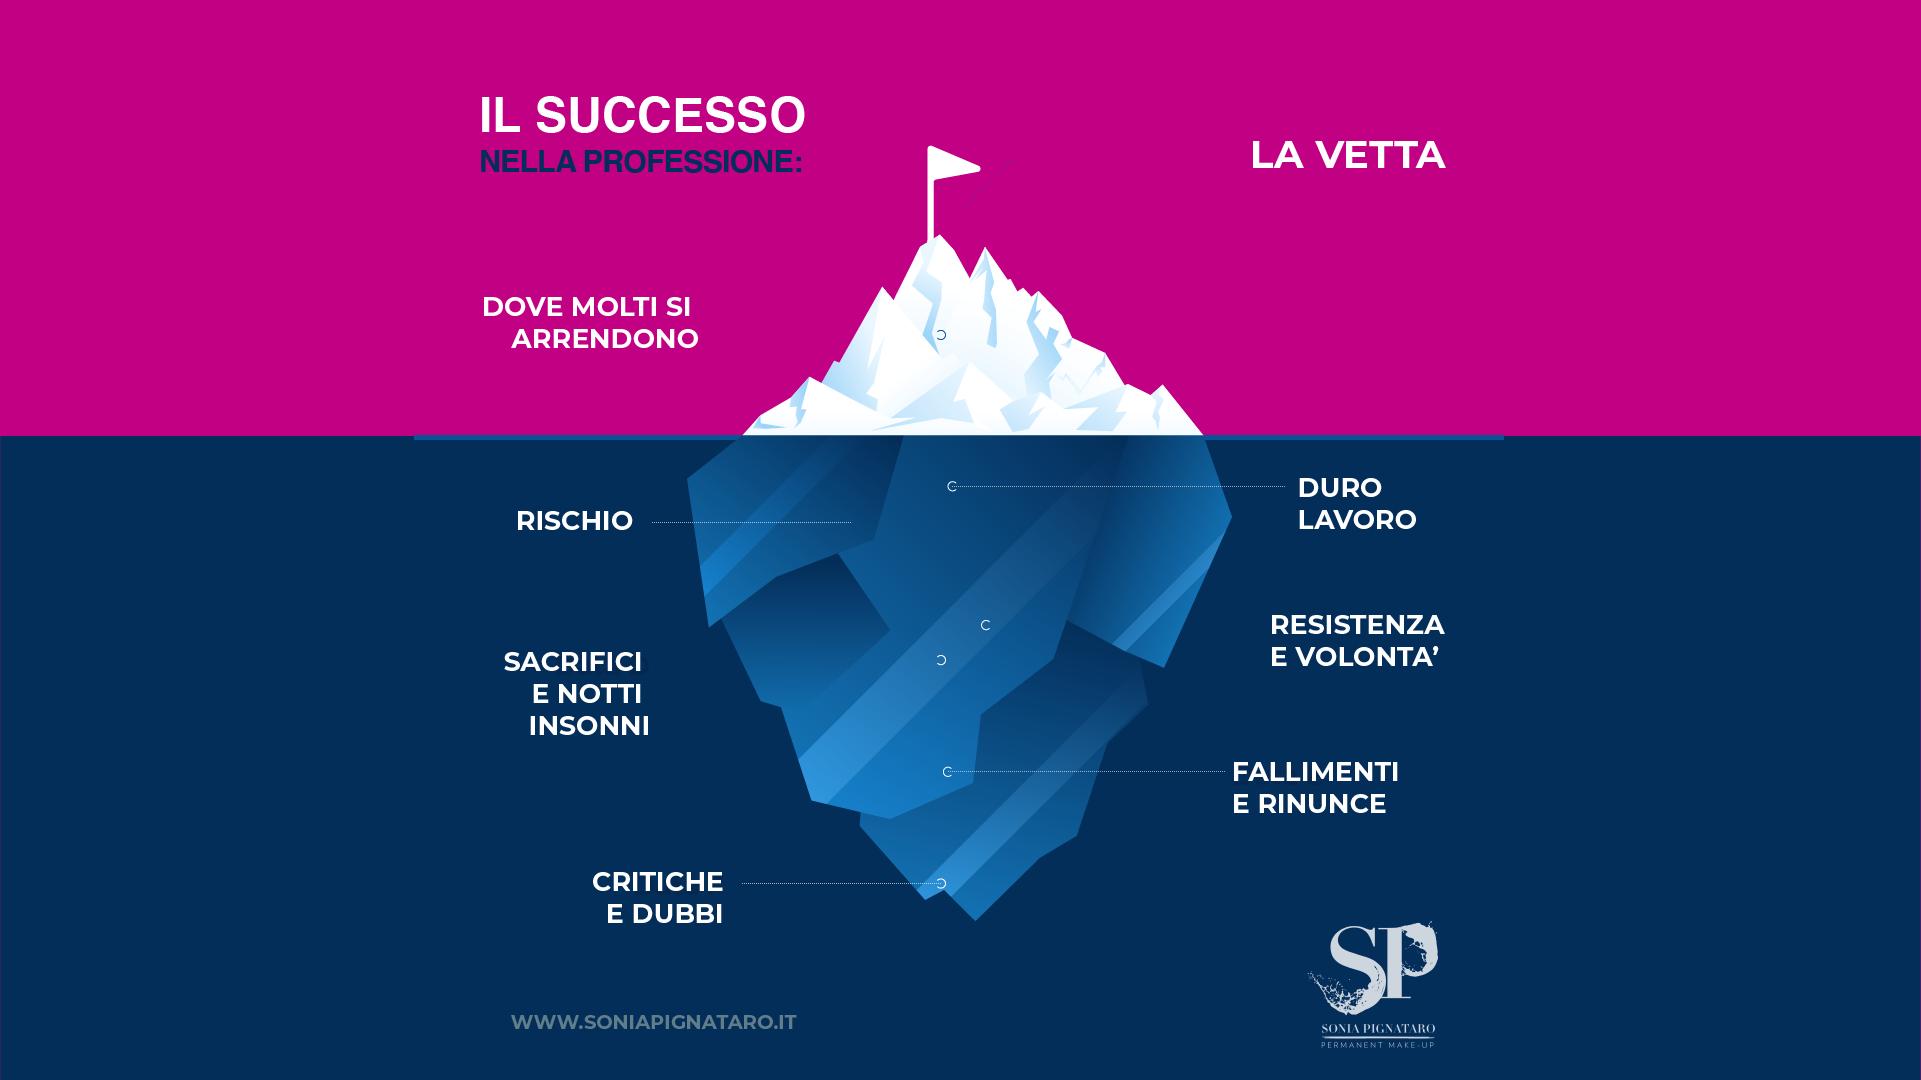 La metafora dell'iceberg applicata al trucco permanente